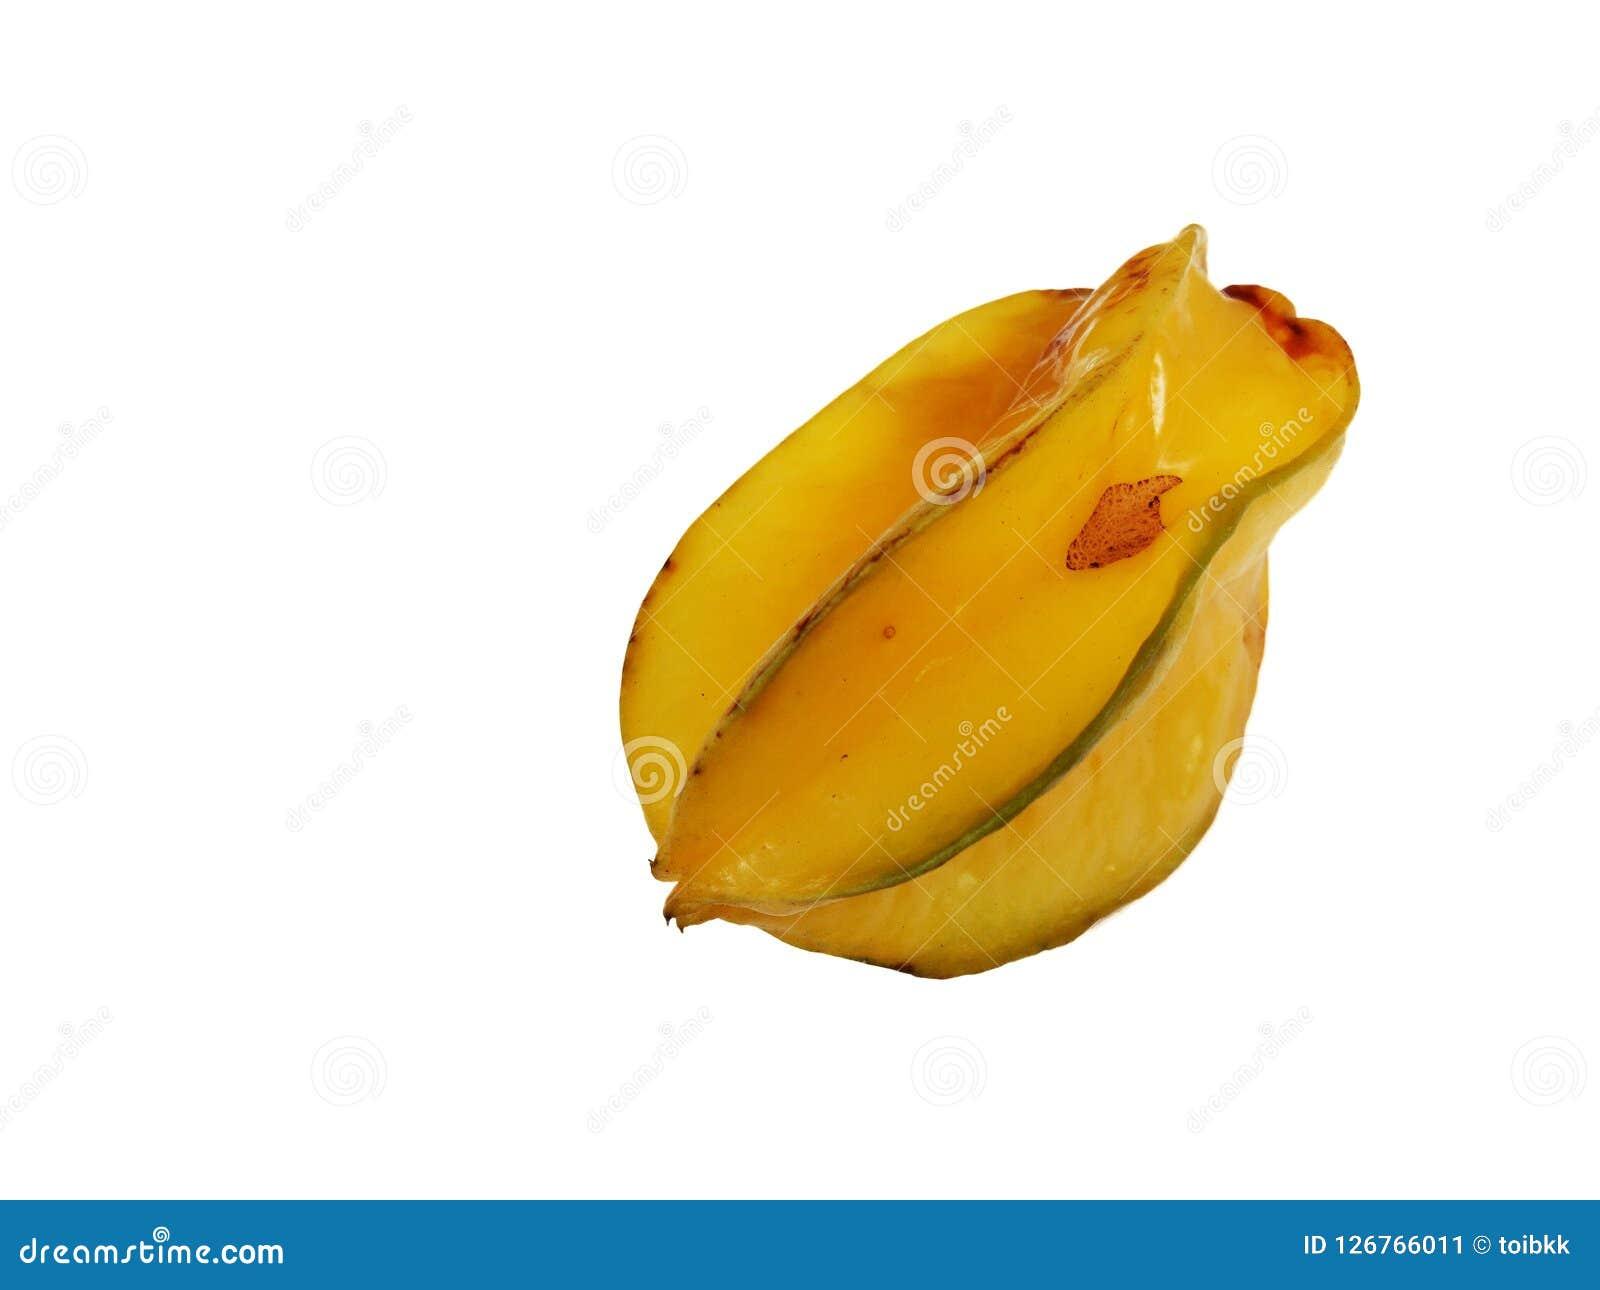 Ripe Carambola, Star Fruit. Isolated on white backgroundn Stock Image